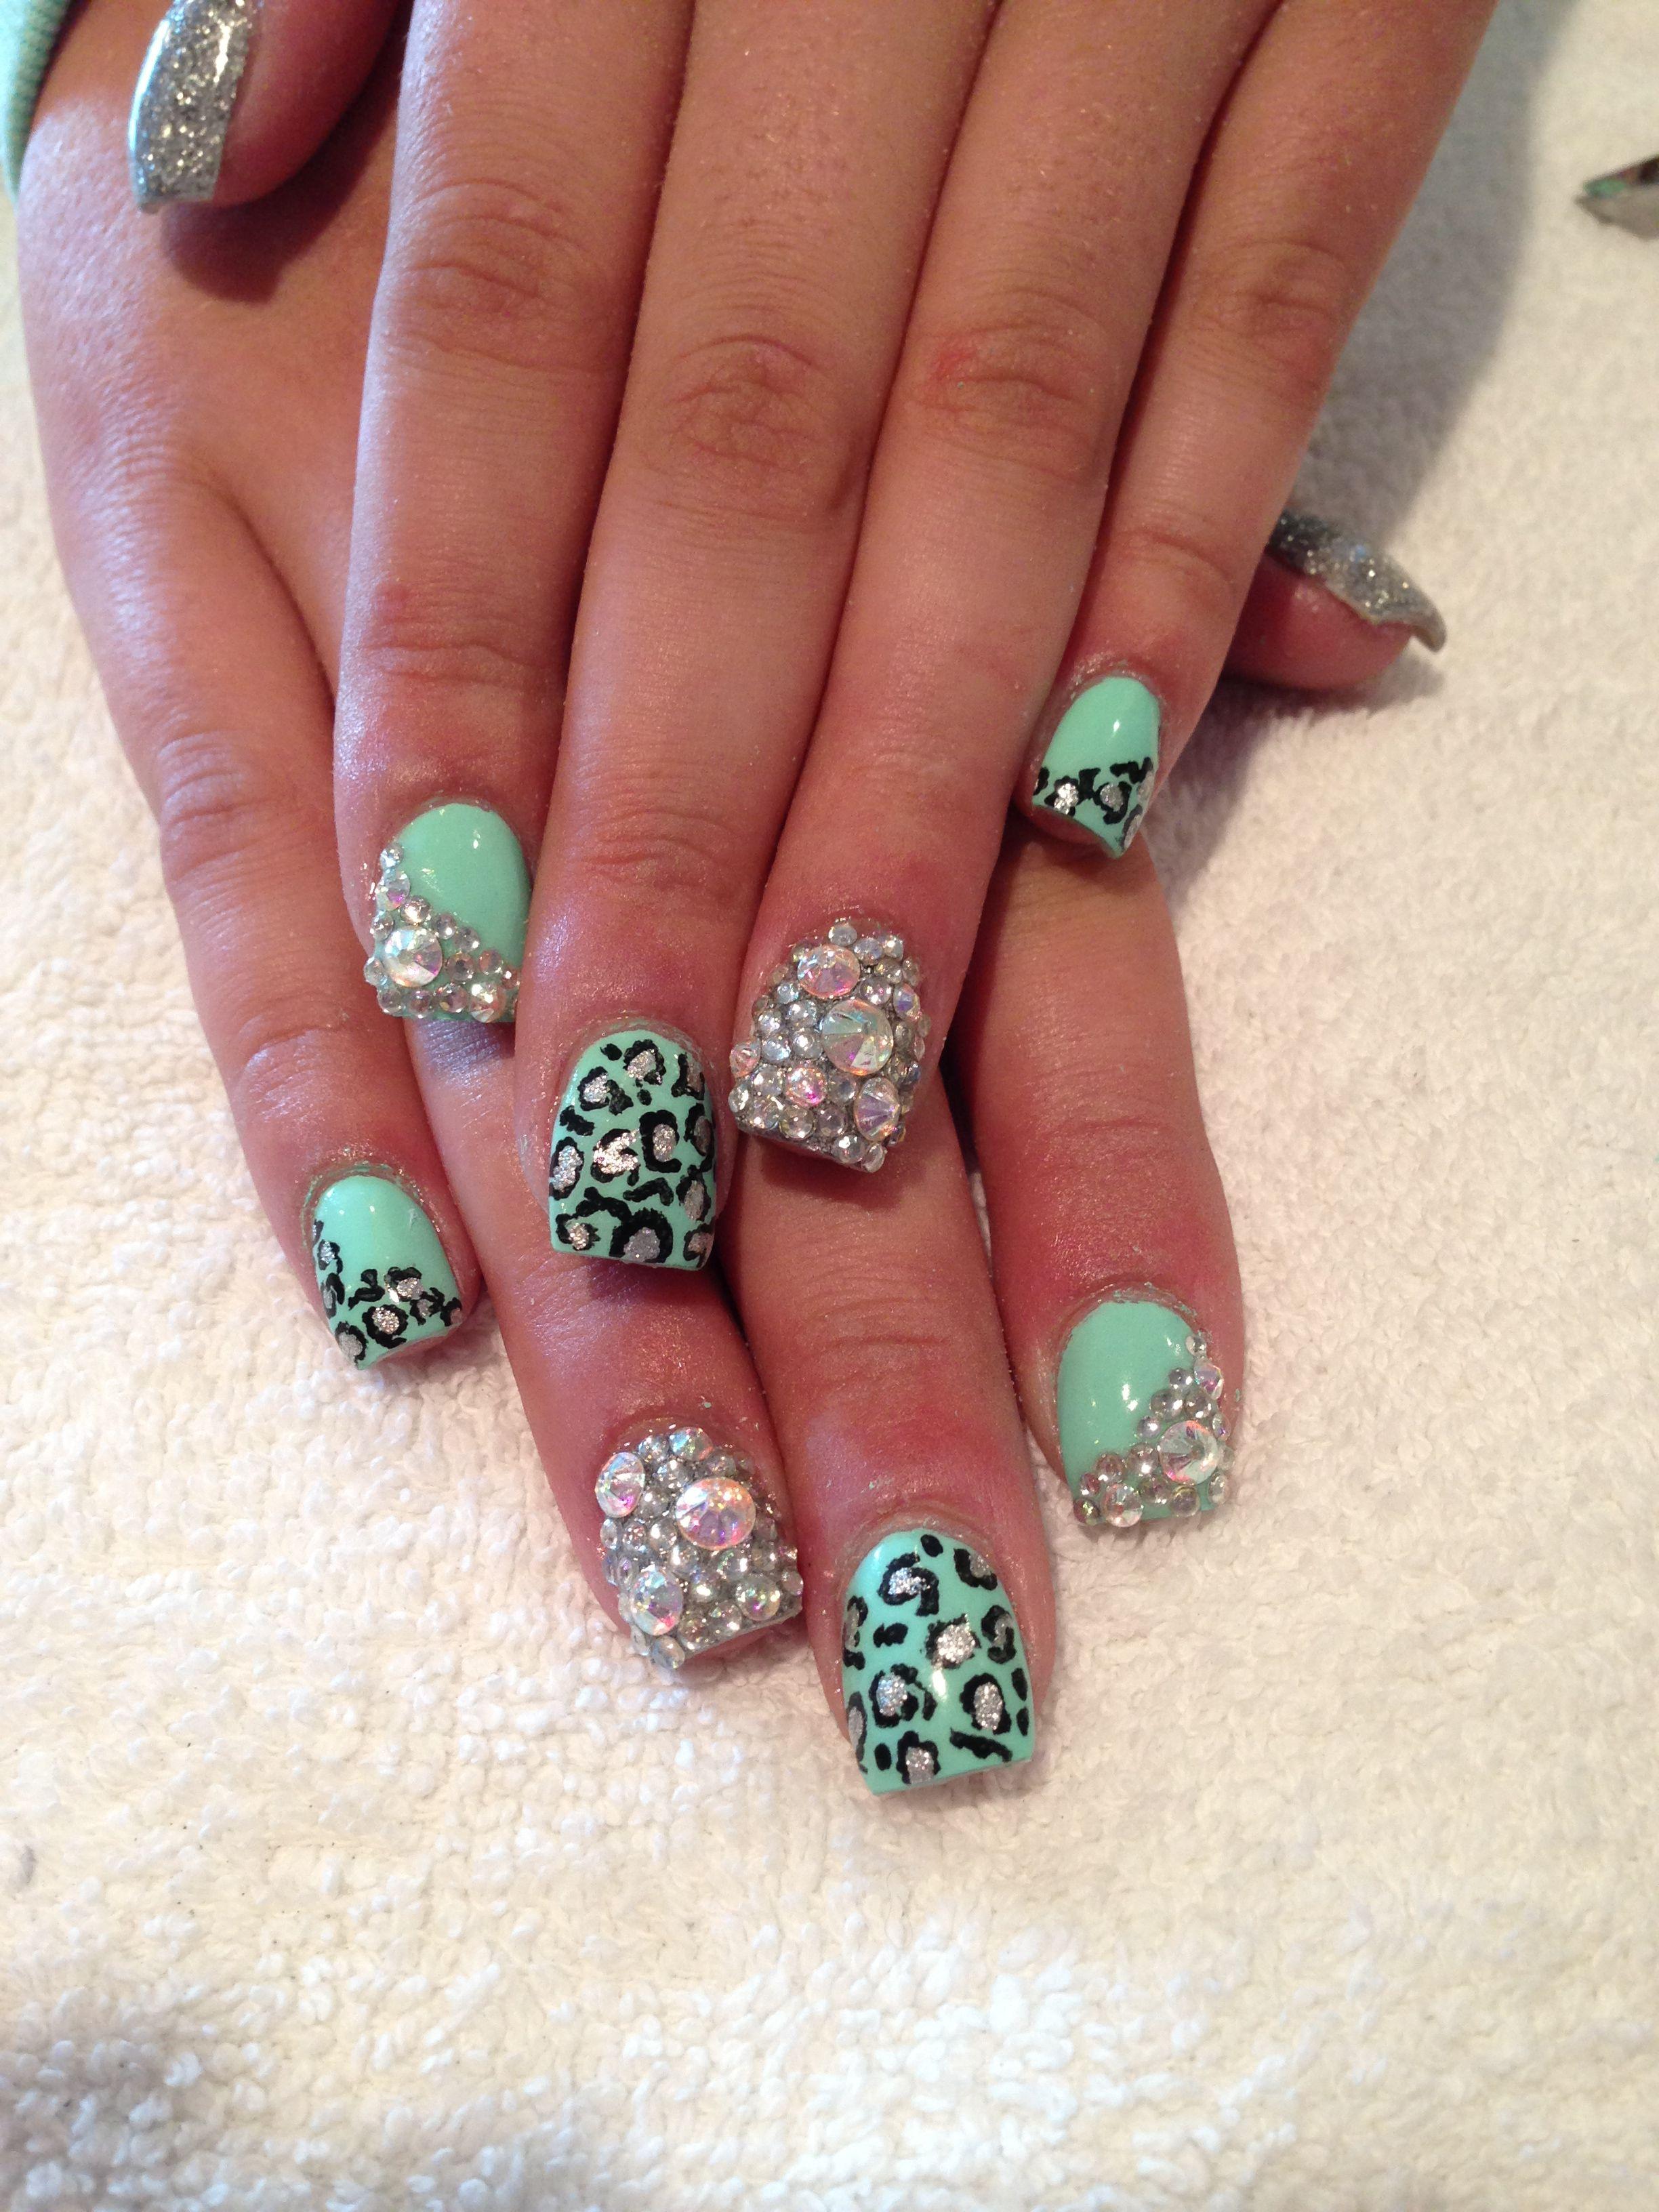 Body u sole estevan sk wwwdysole acrylic nails naillss